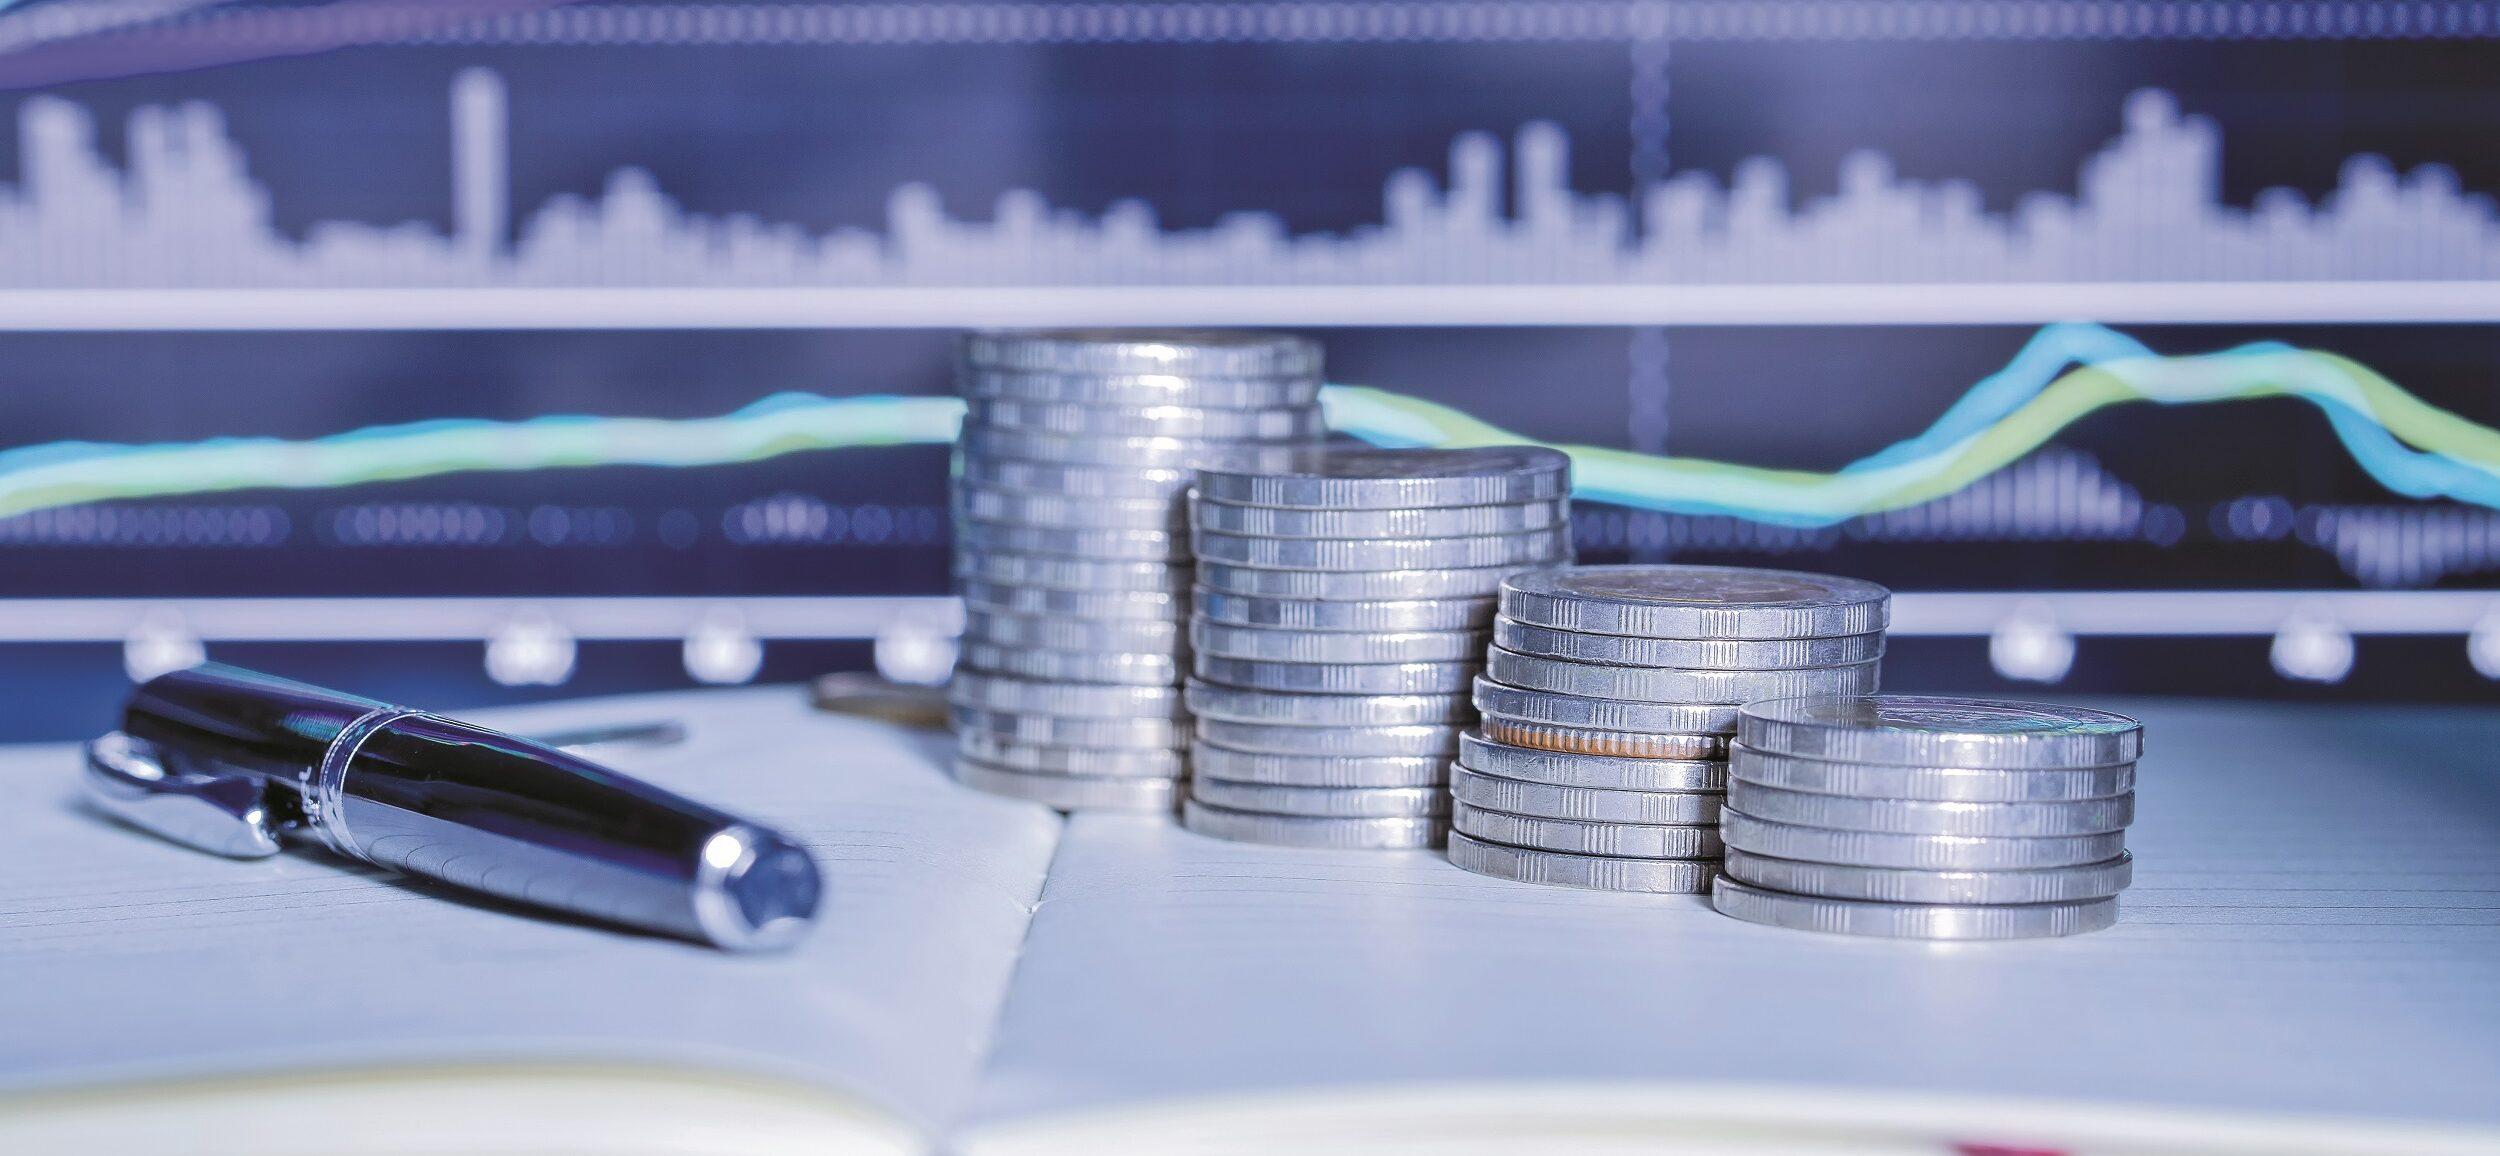 عملکرد صندوقهای سرمایهگذاری در آذرماه ۱۳۹۹